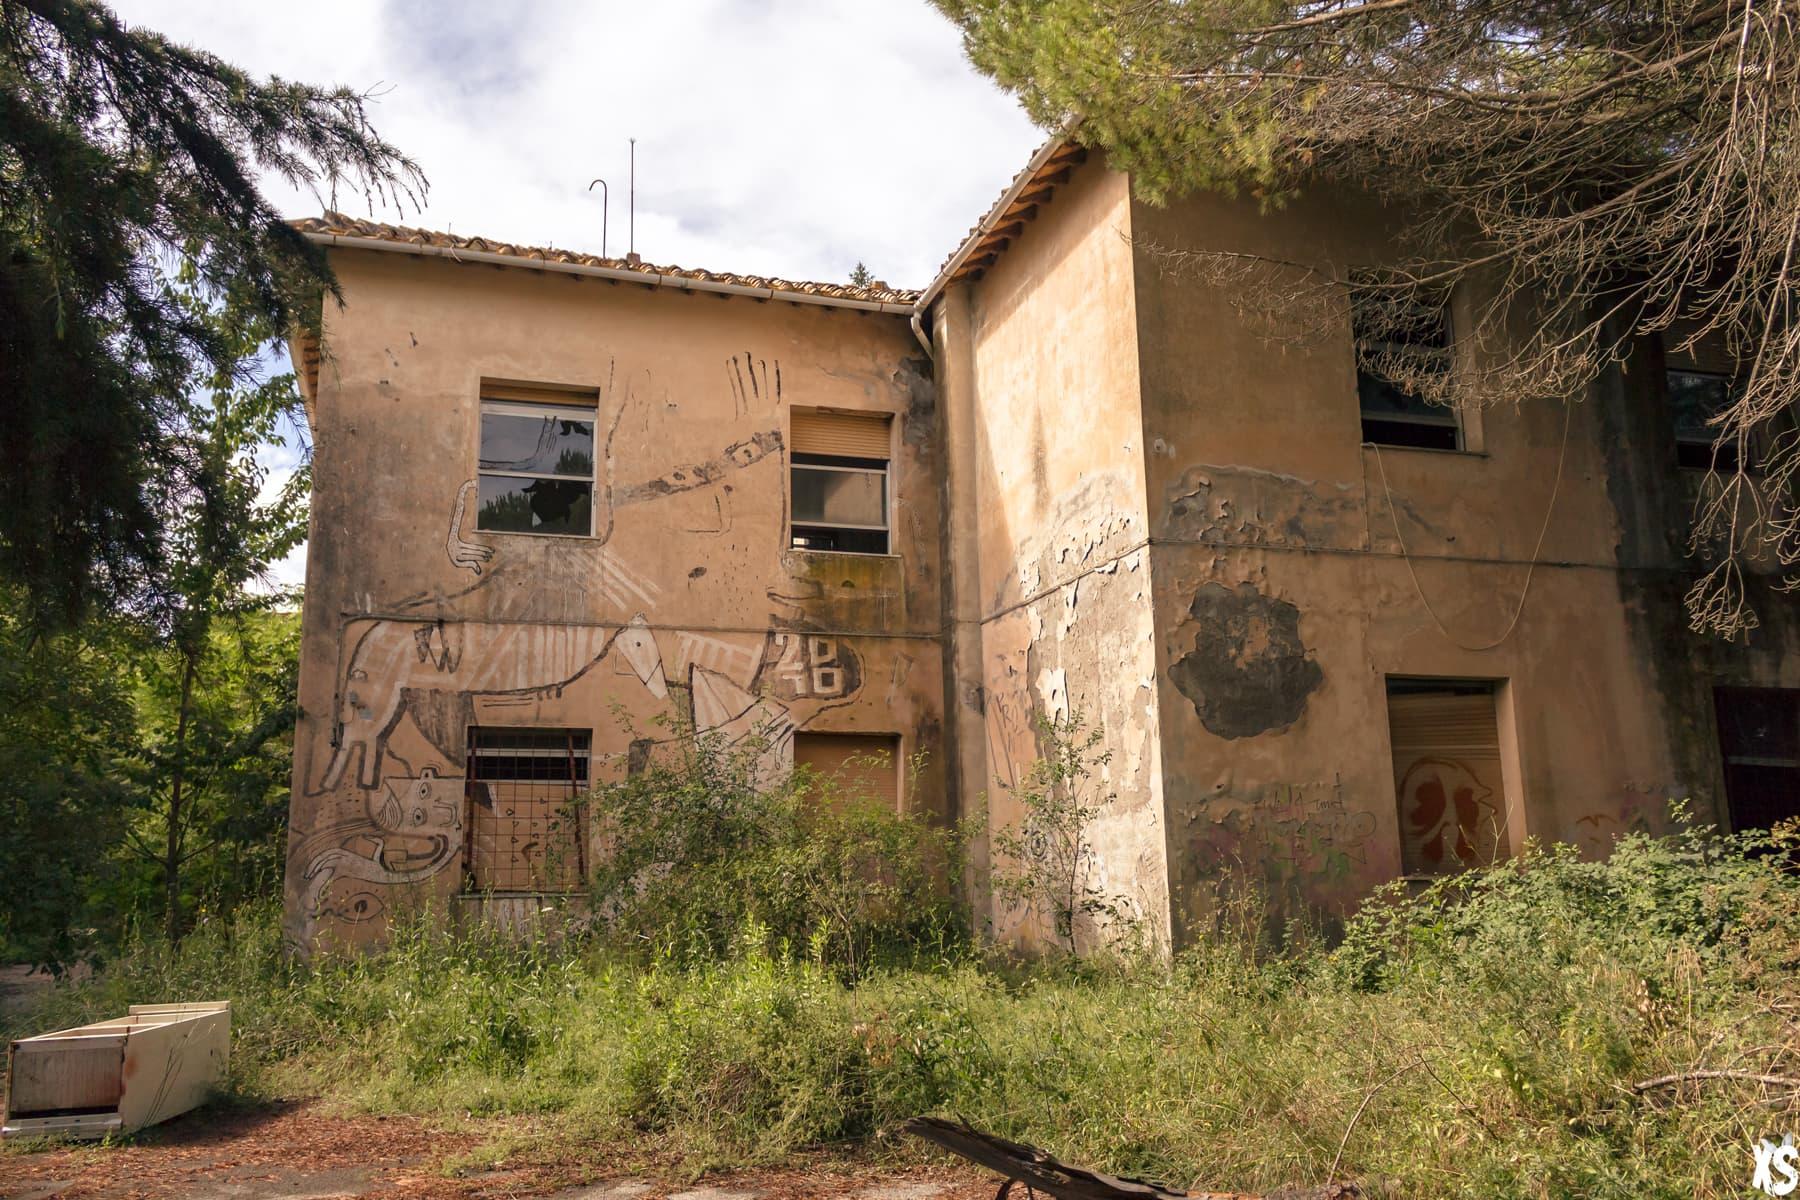 Asile glauque abandonné en Italie